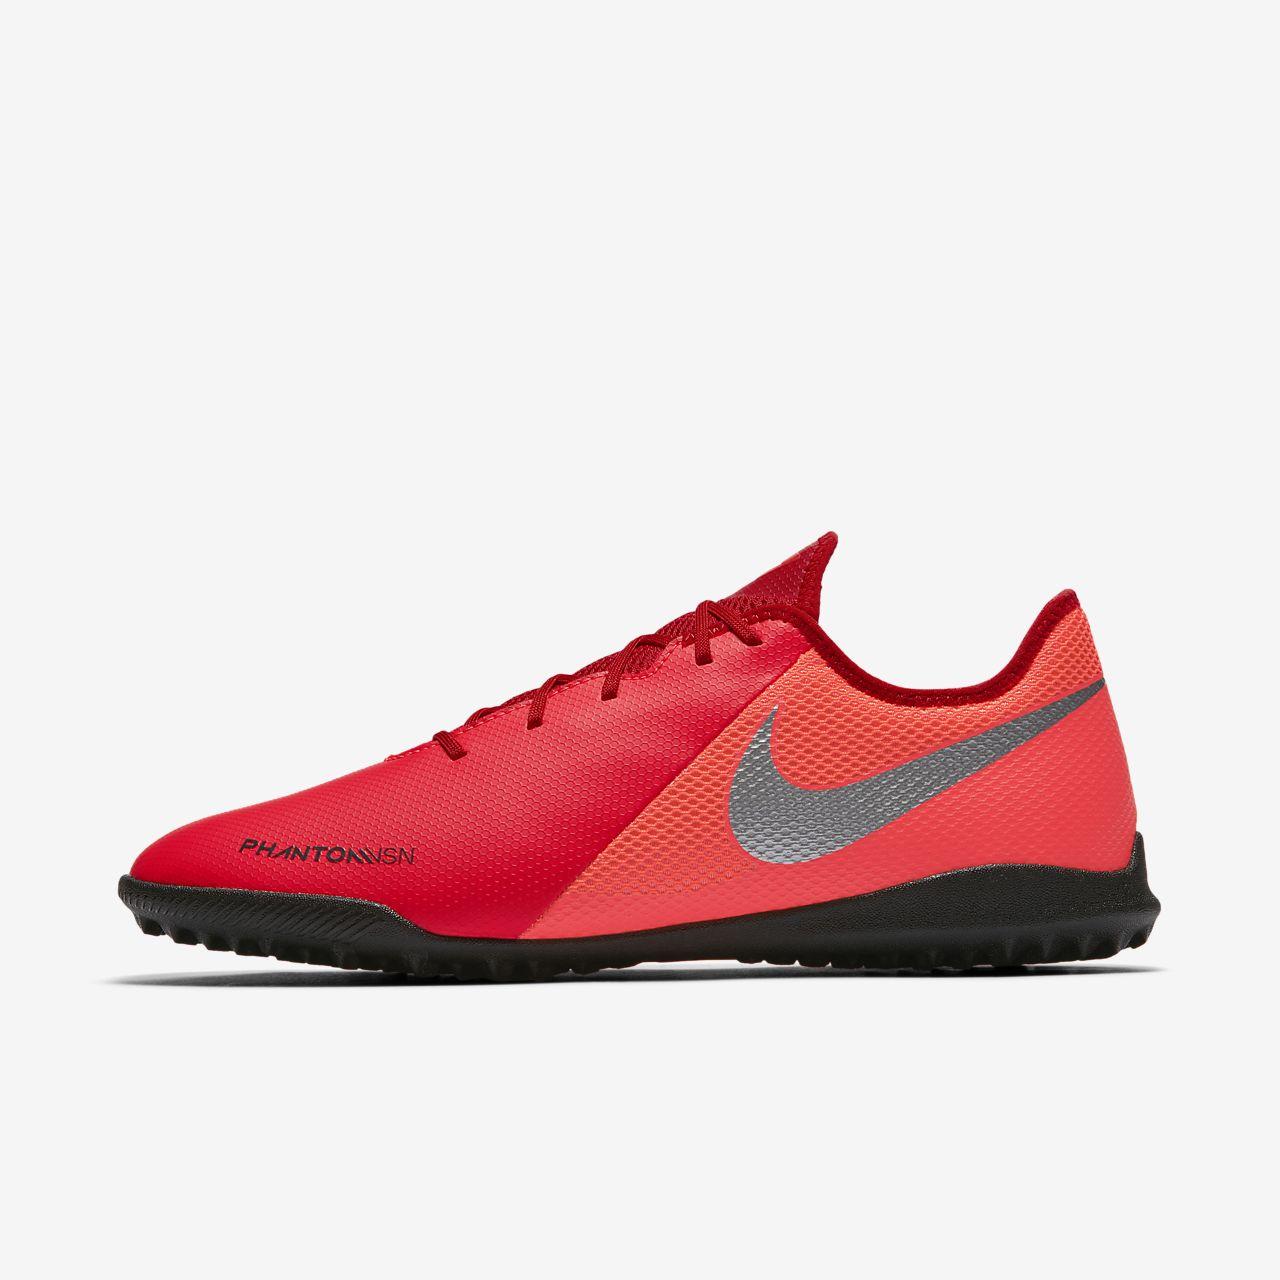 Nike Phantom Vision Academy Botas de fútbol para moqueta artificial - Turf 690dac46b5443